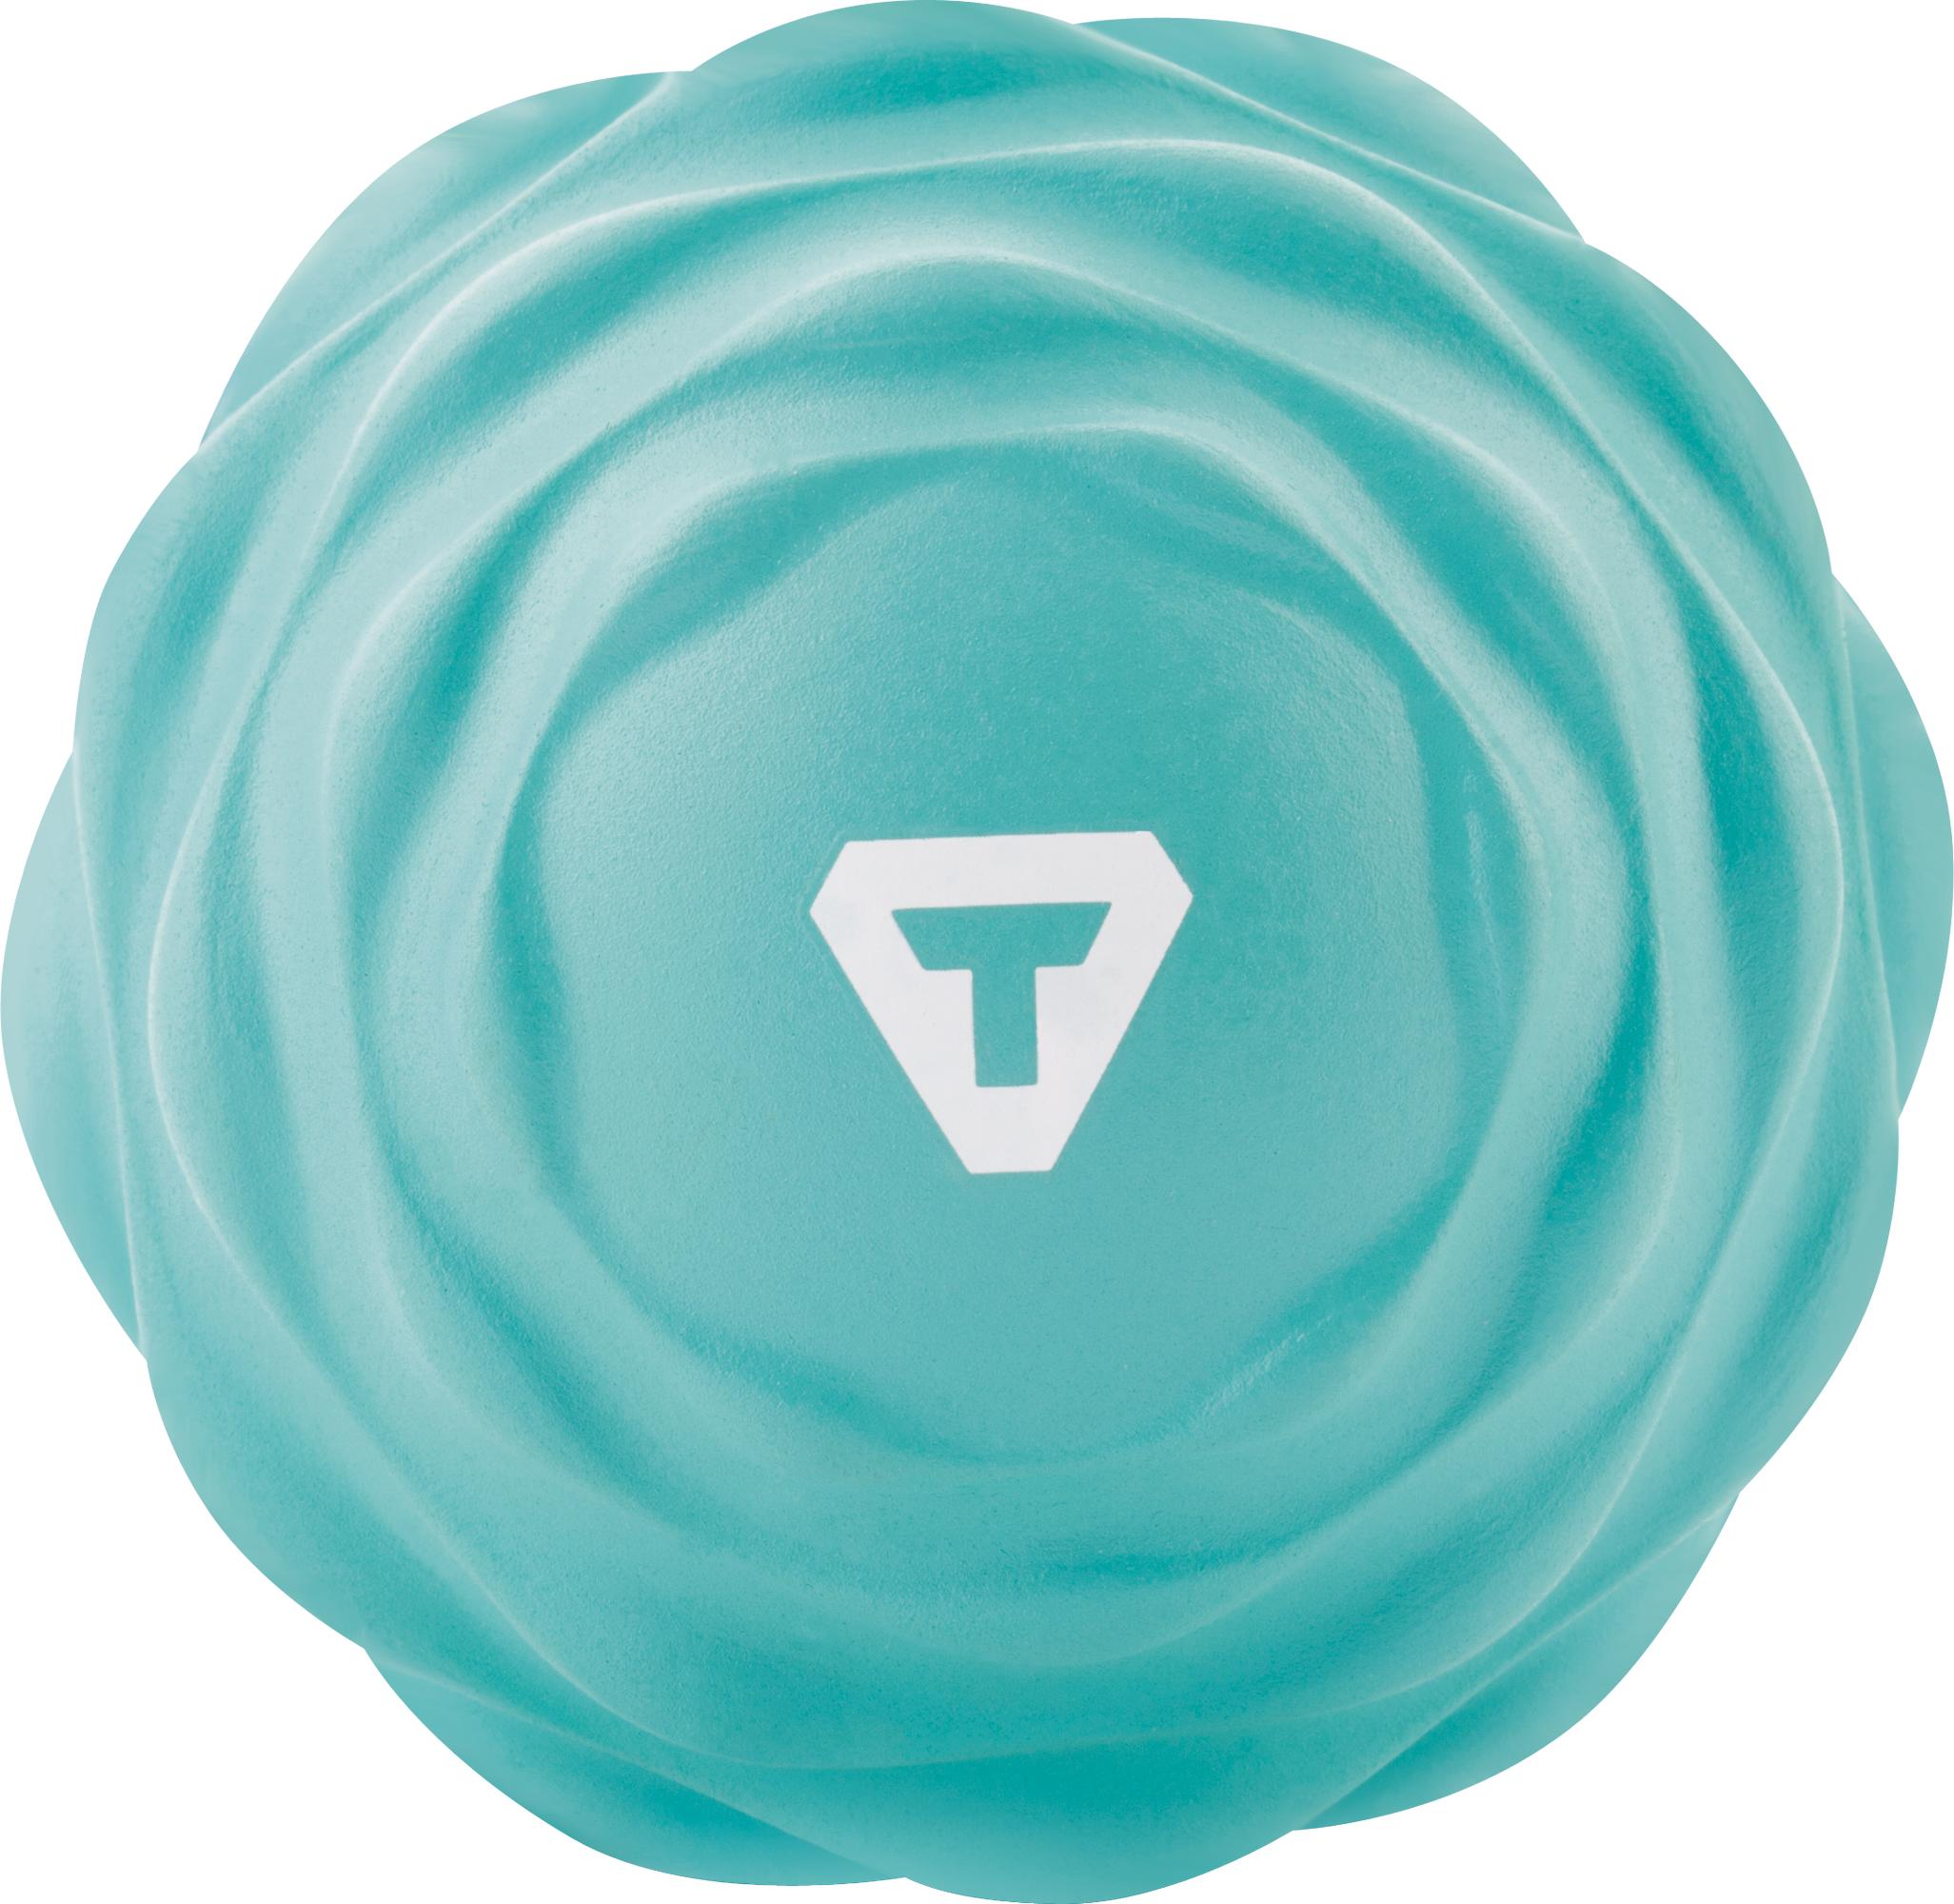 Torneo Мяч массажный Torneo мяч массажный alonsa цвет серебристый 20 см